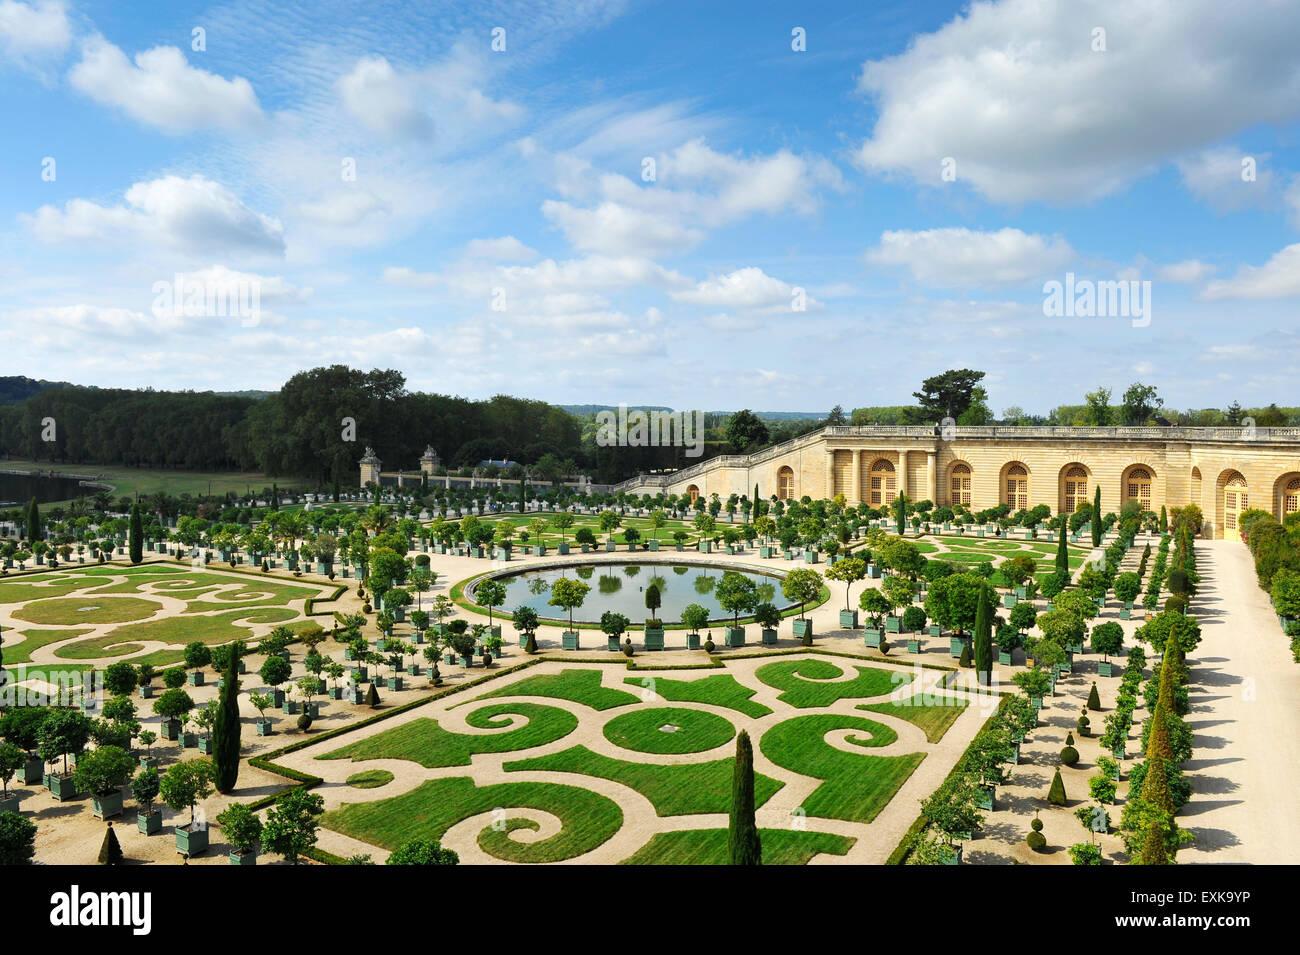 Chateau versailles garden and park orangery ile de france for Parking parc des expositions versailles